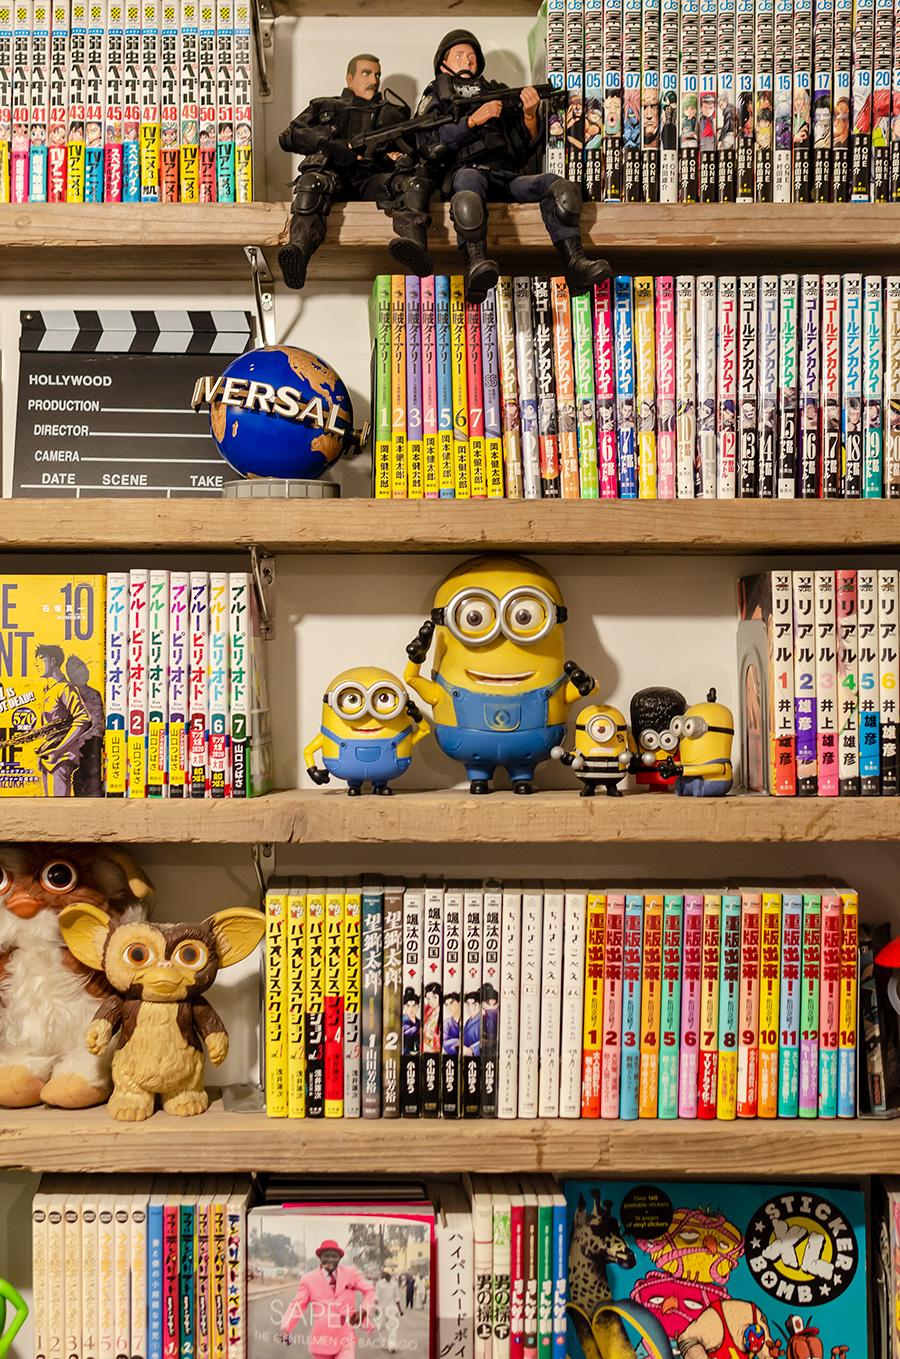 本棚には岳也さんの本や漫画のコレクションがずらり。